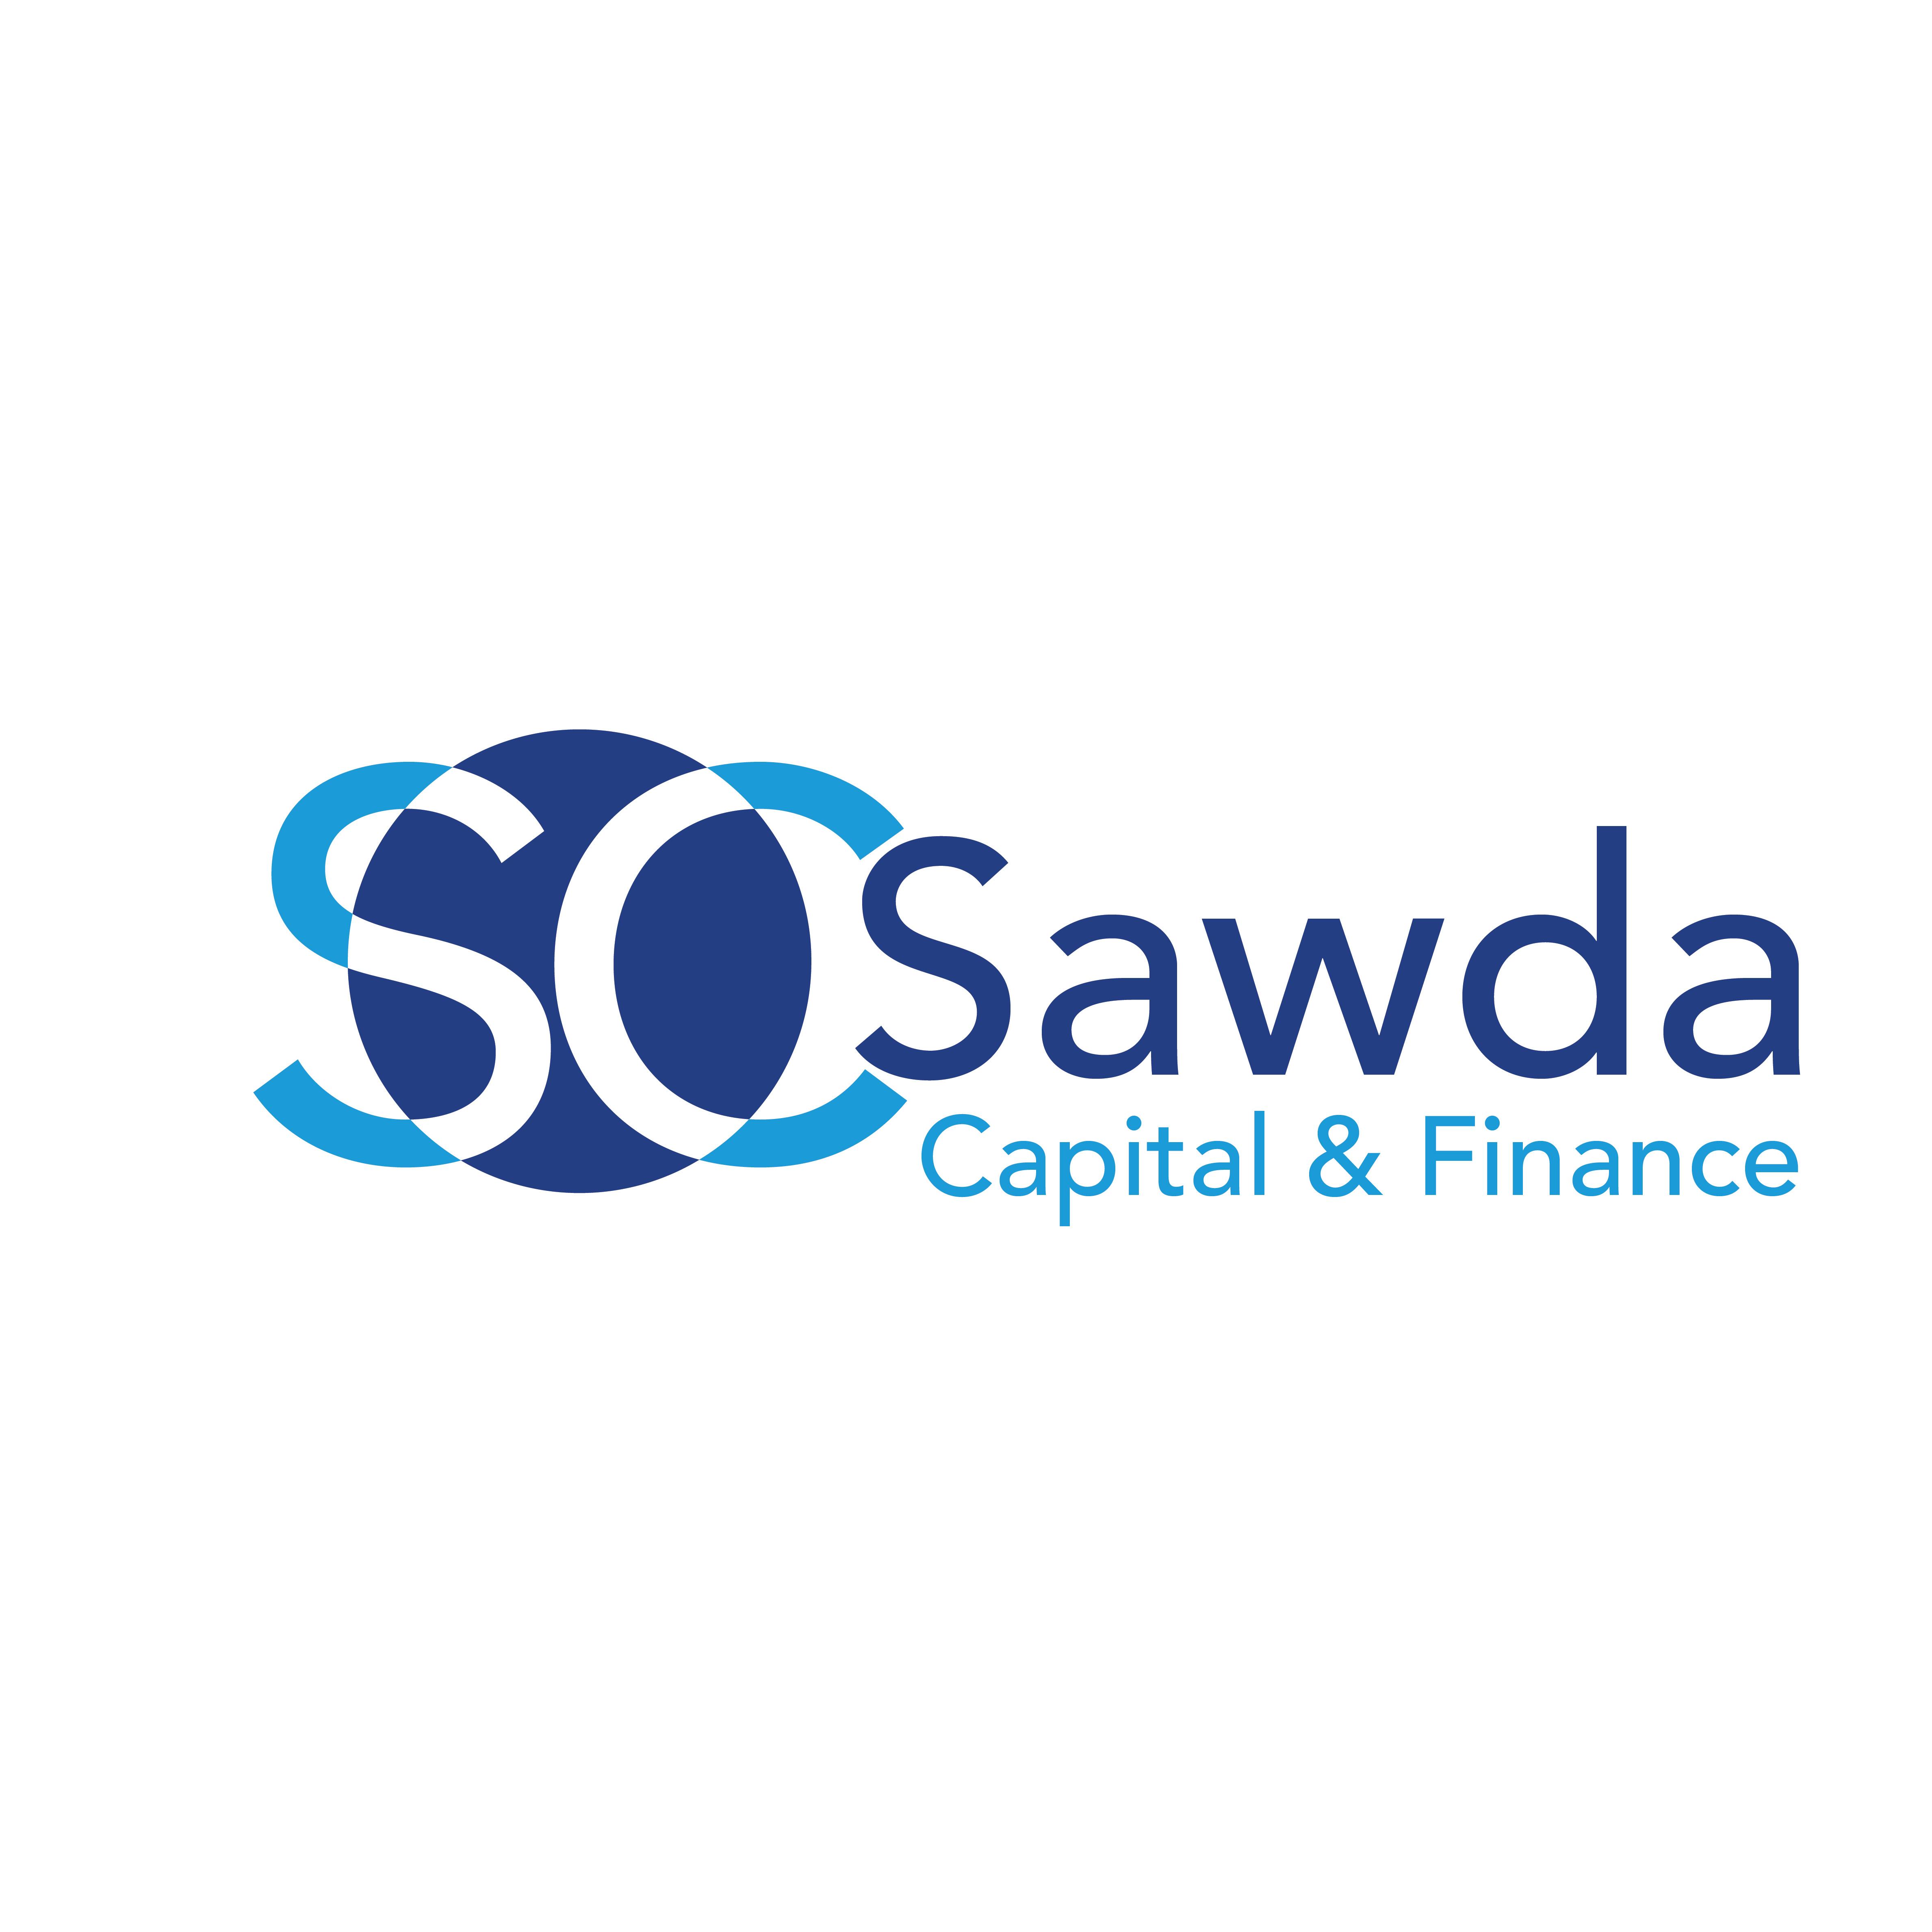 https://www.mncjobsgulf.com/company/sawda-capital-finance